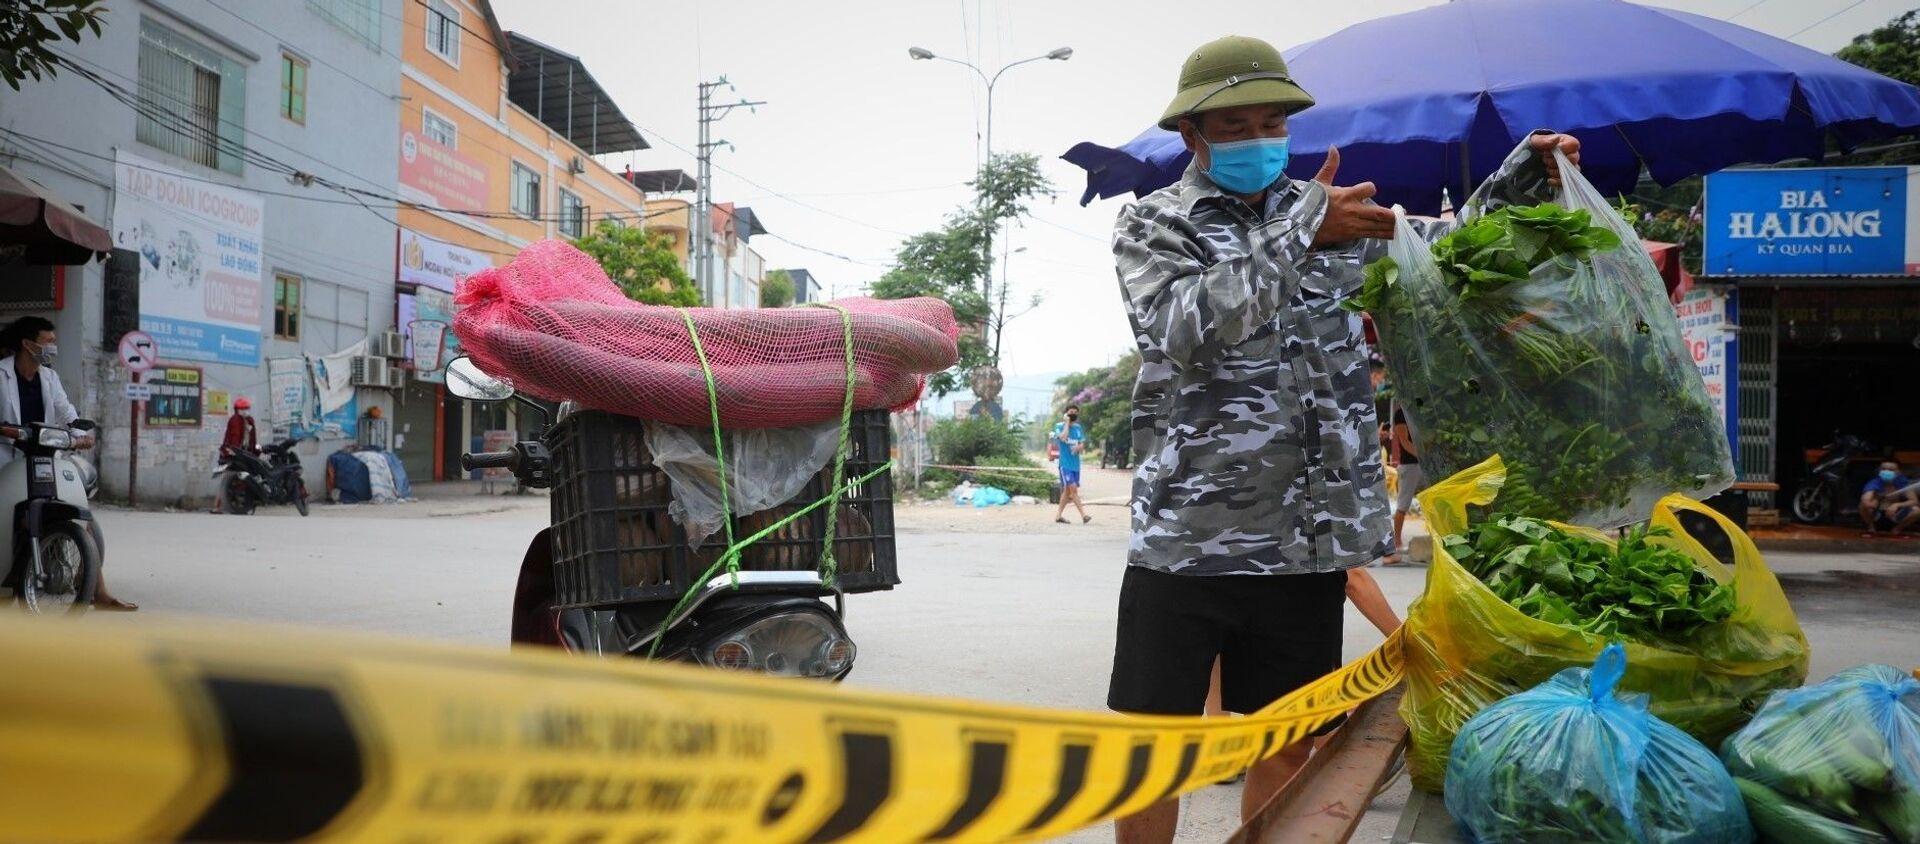 Người dân cung cấp nhu yếu phẩm vào khu cách ly theo đúng quy trình dịch tế tại chốt kiểm soát dịch tổ dân phố My Điền 1. - Sputnik Việt Nam, 1920, 11.05.2021